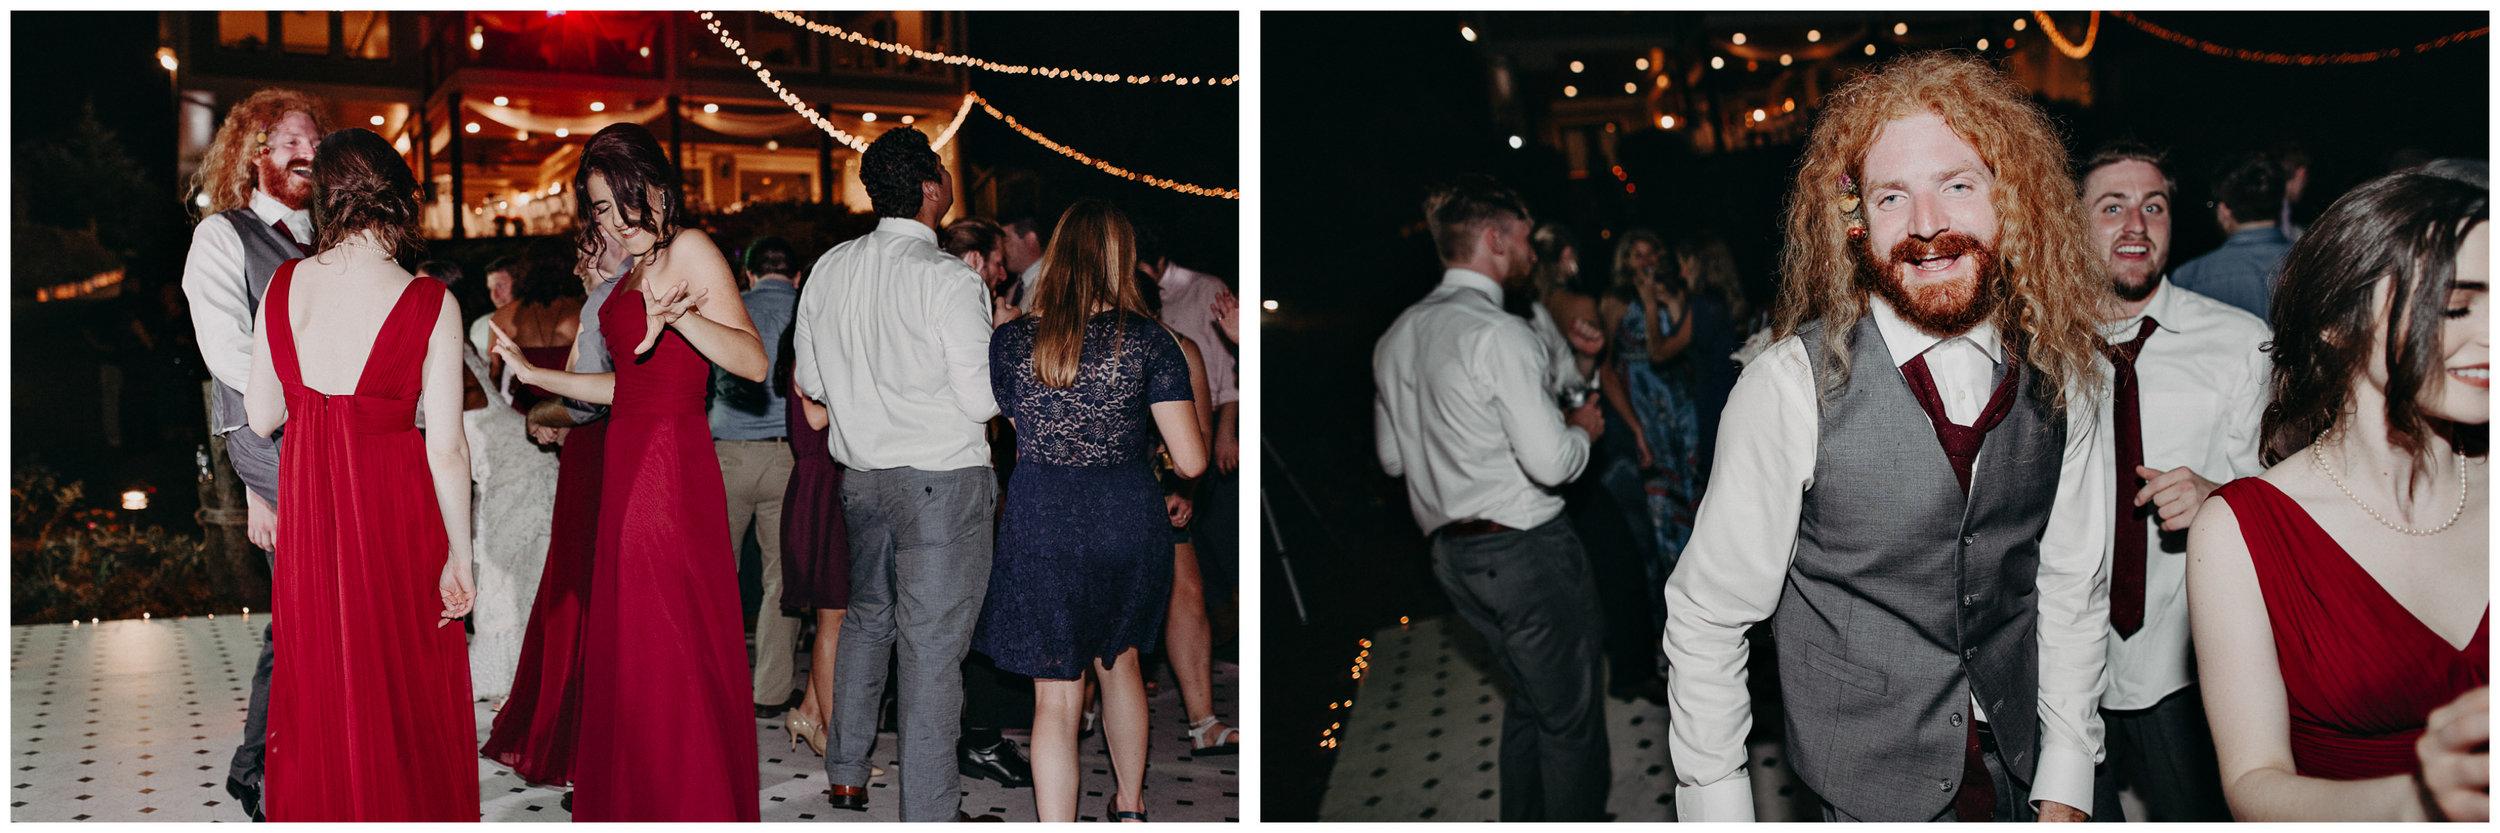 132.1 Wedding details .jpg